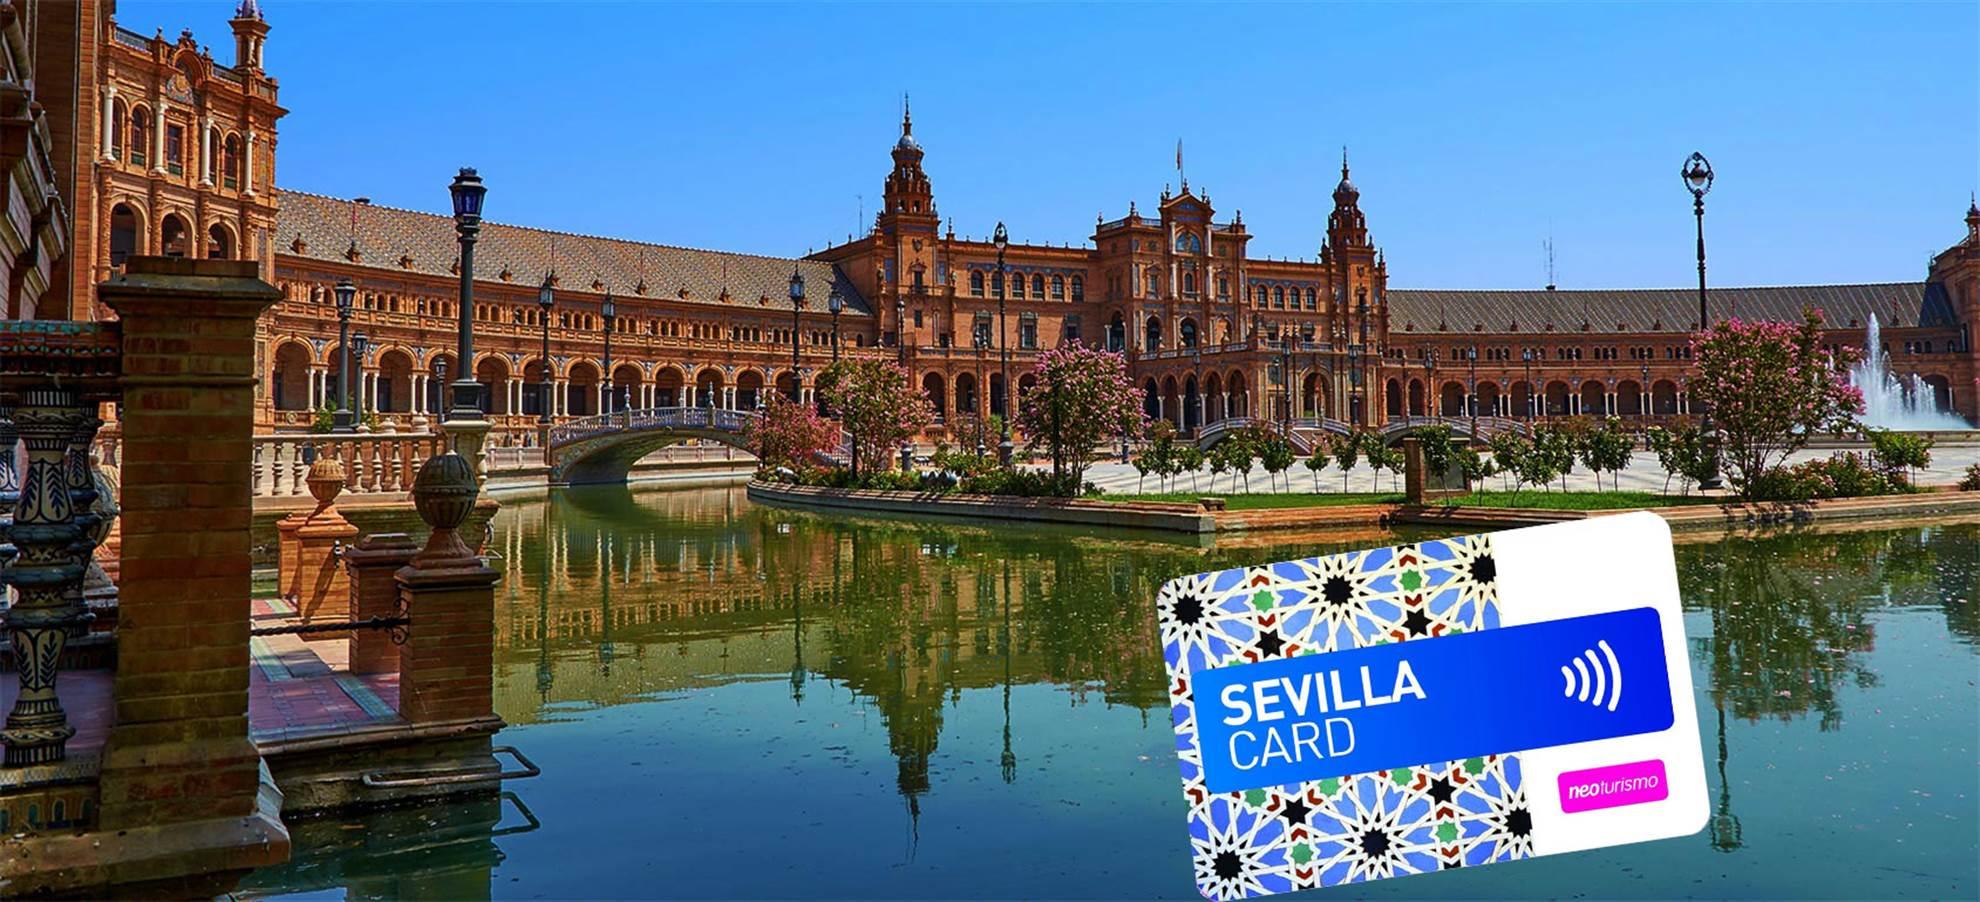 Sevilla Card